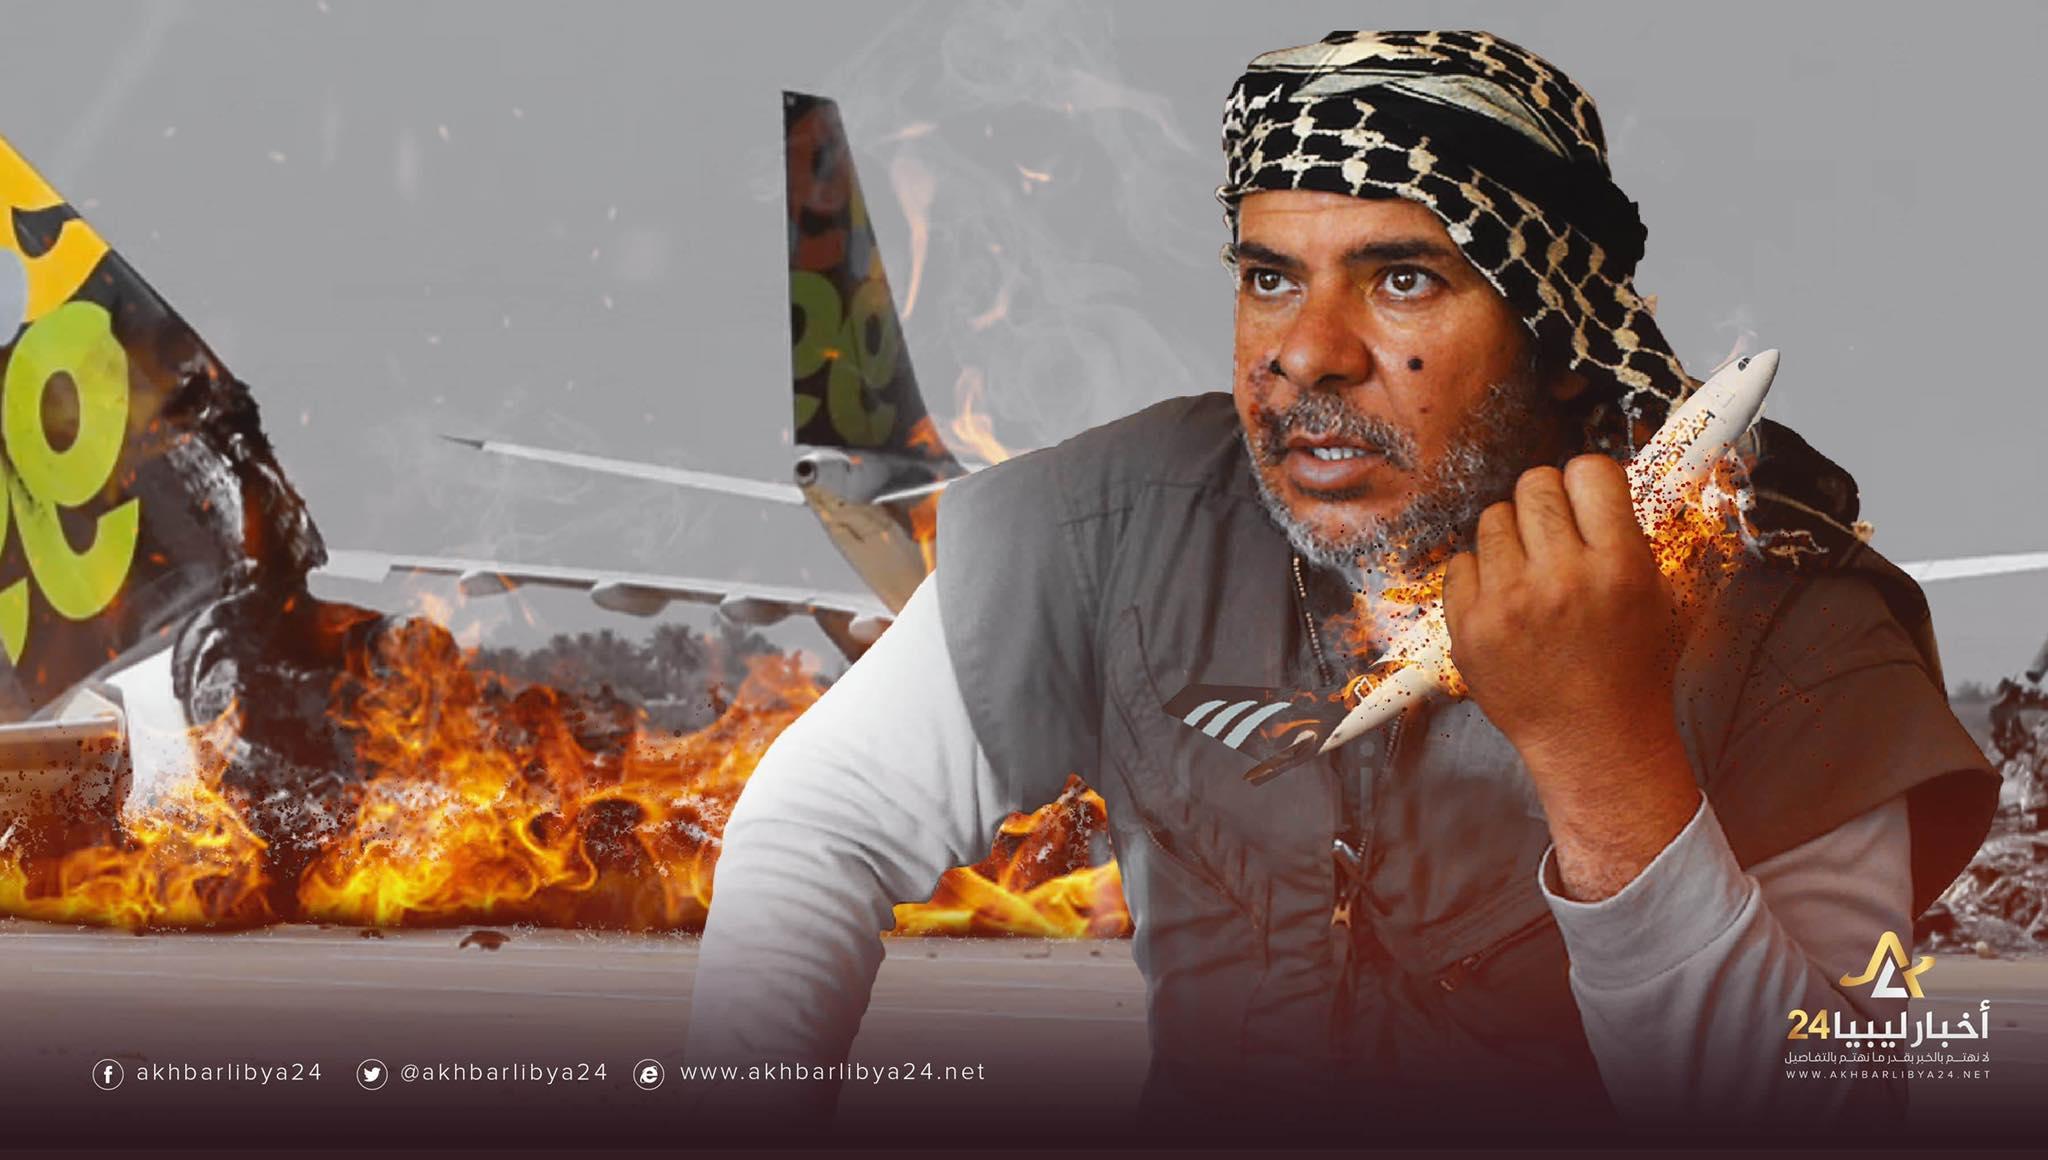 صورة ست سنوات مرت.. تدمير مطار طرابلس عمل إرهابي استهدف تدمير البنية التحتية